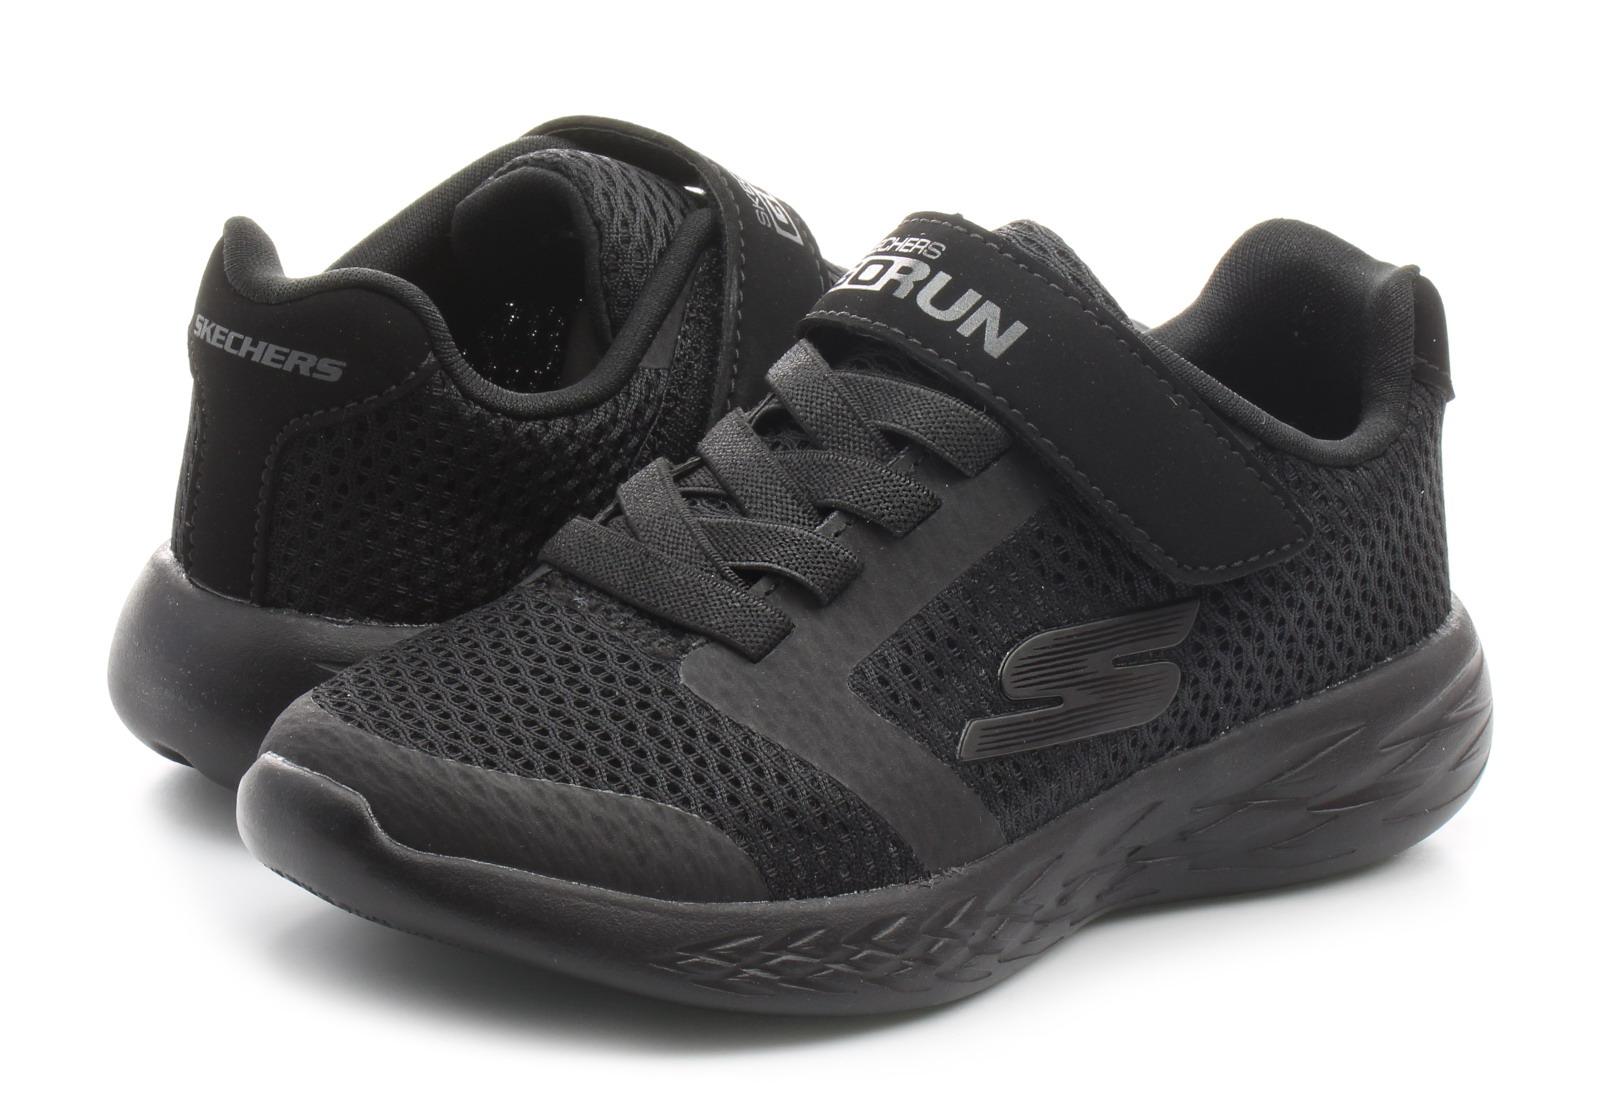 Skechers Čevlji Go Run 600 - Roxlo